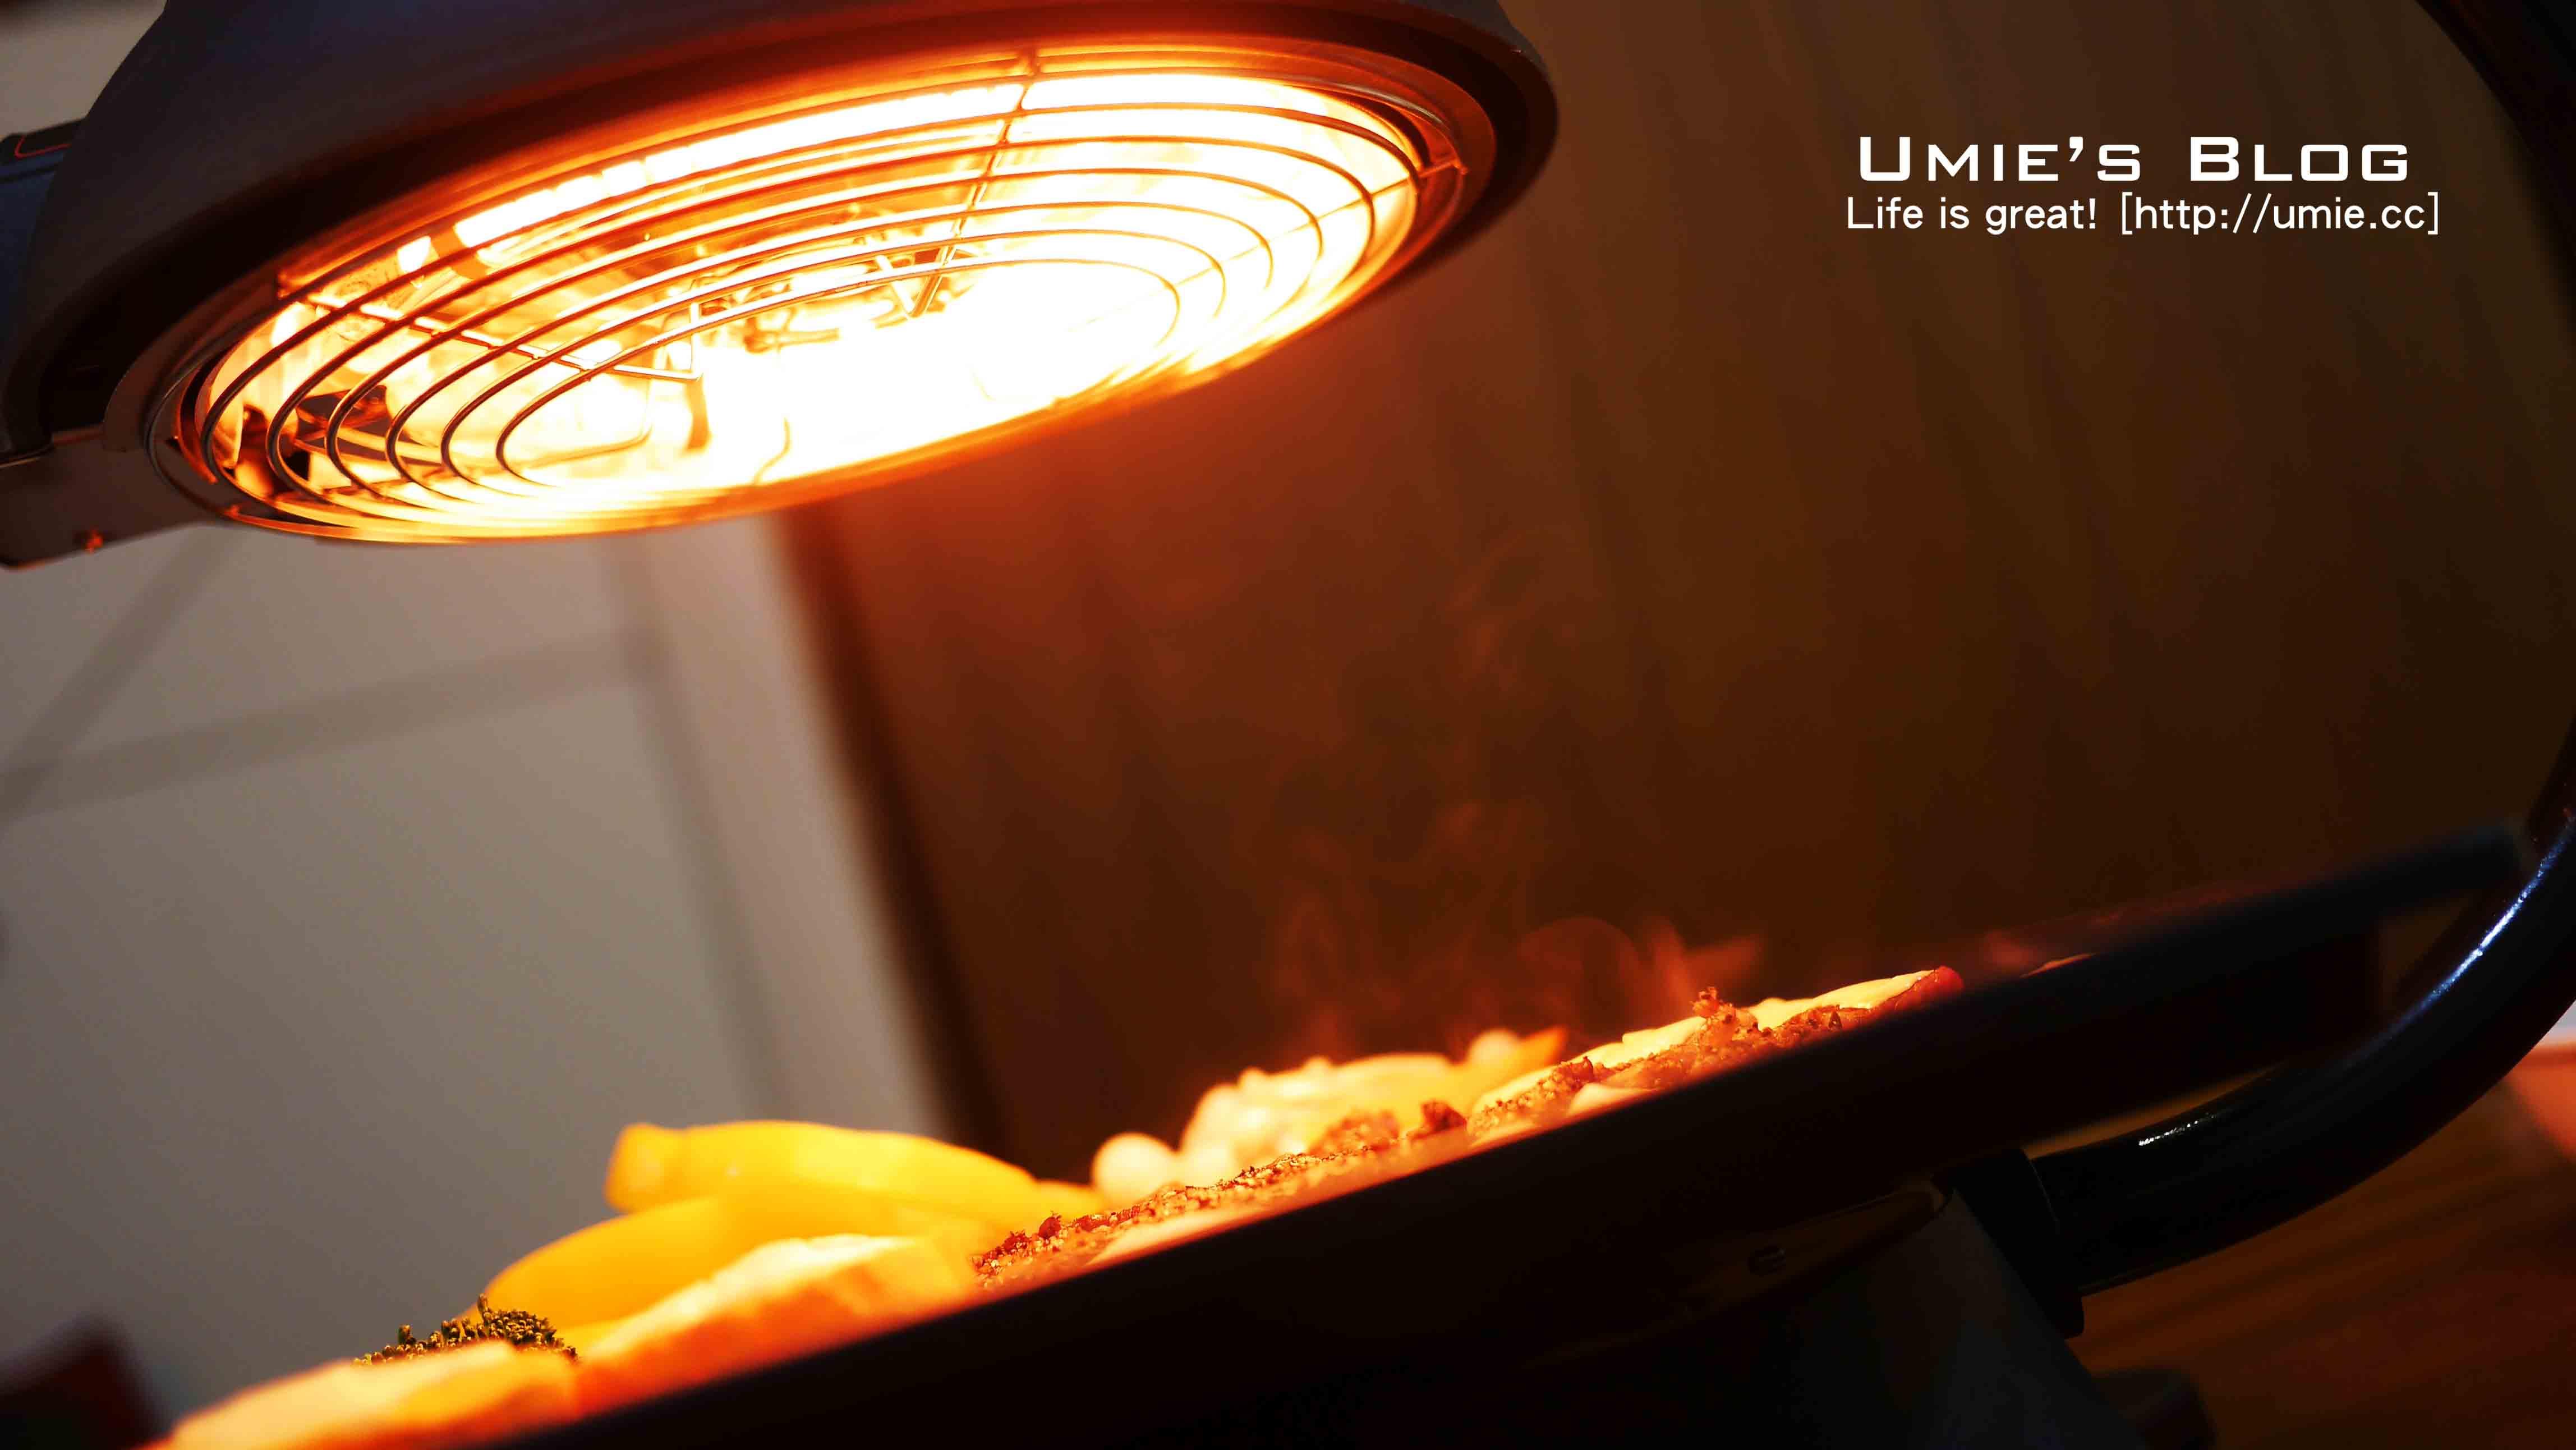 神燈烤爐BBQ!日韓最流行-紅外線神燈燒烤盤,在家就可以吃健康安全烤肉!(不會做菜也不怕!附上我的健康烤肉食譜!)